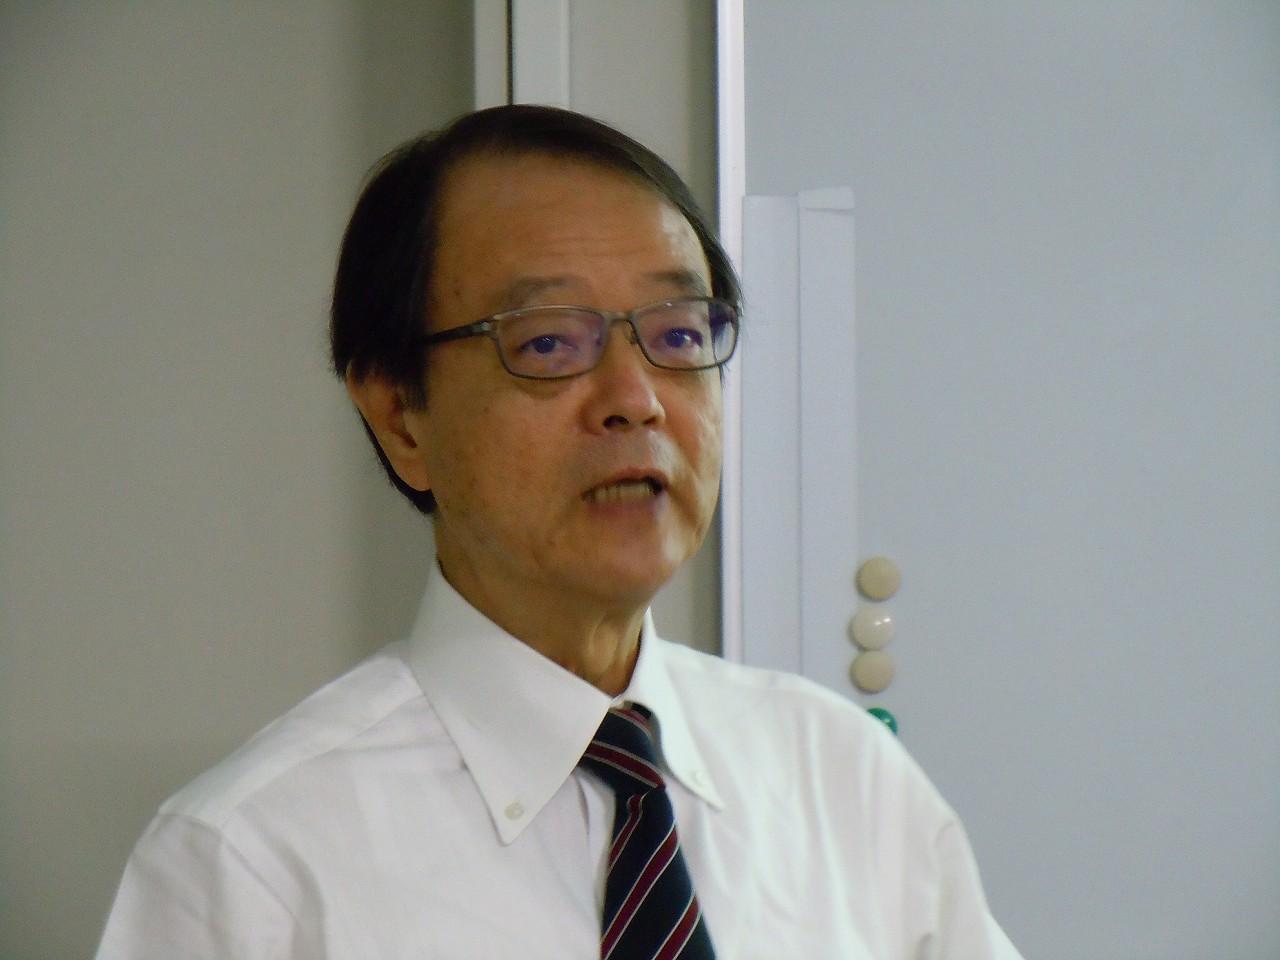 6/17 中国問題を読み解く「知財大国に成長した中国と日本の知財戦略の課題」 リポート